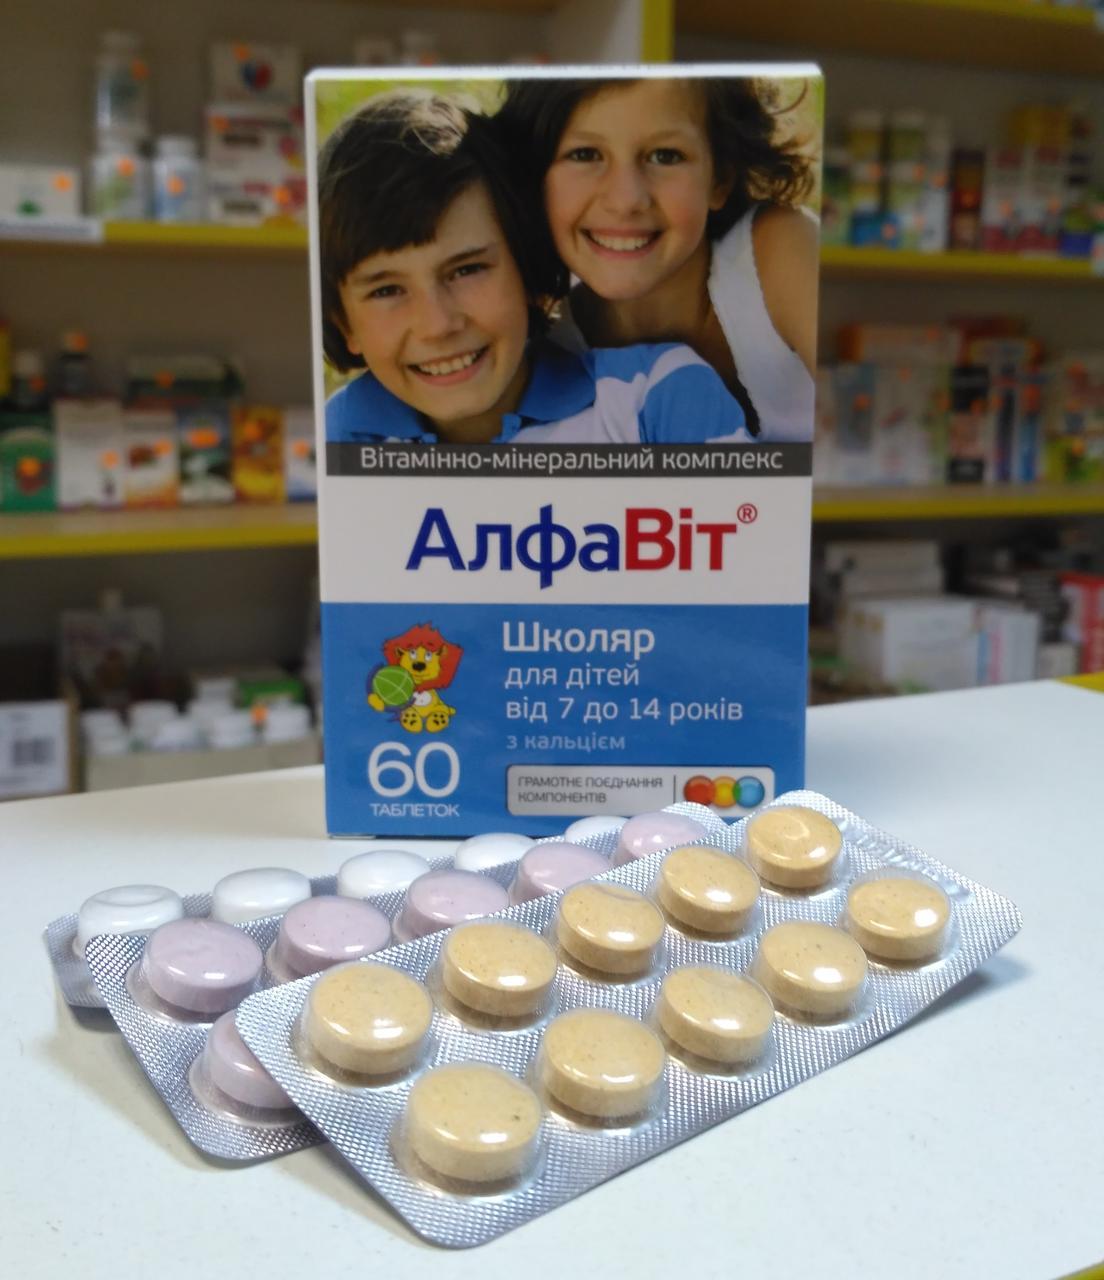 Аптека алфавит диета